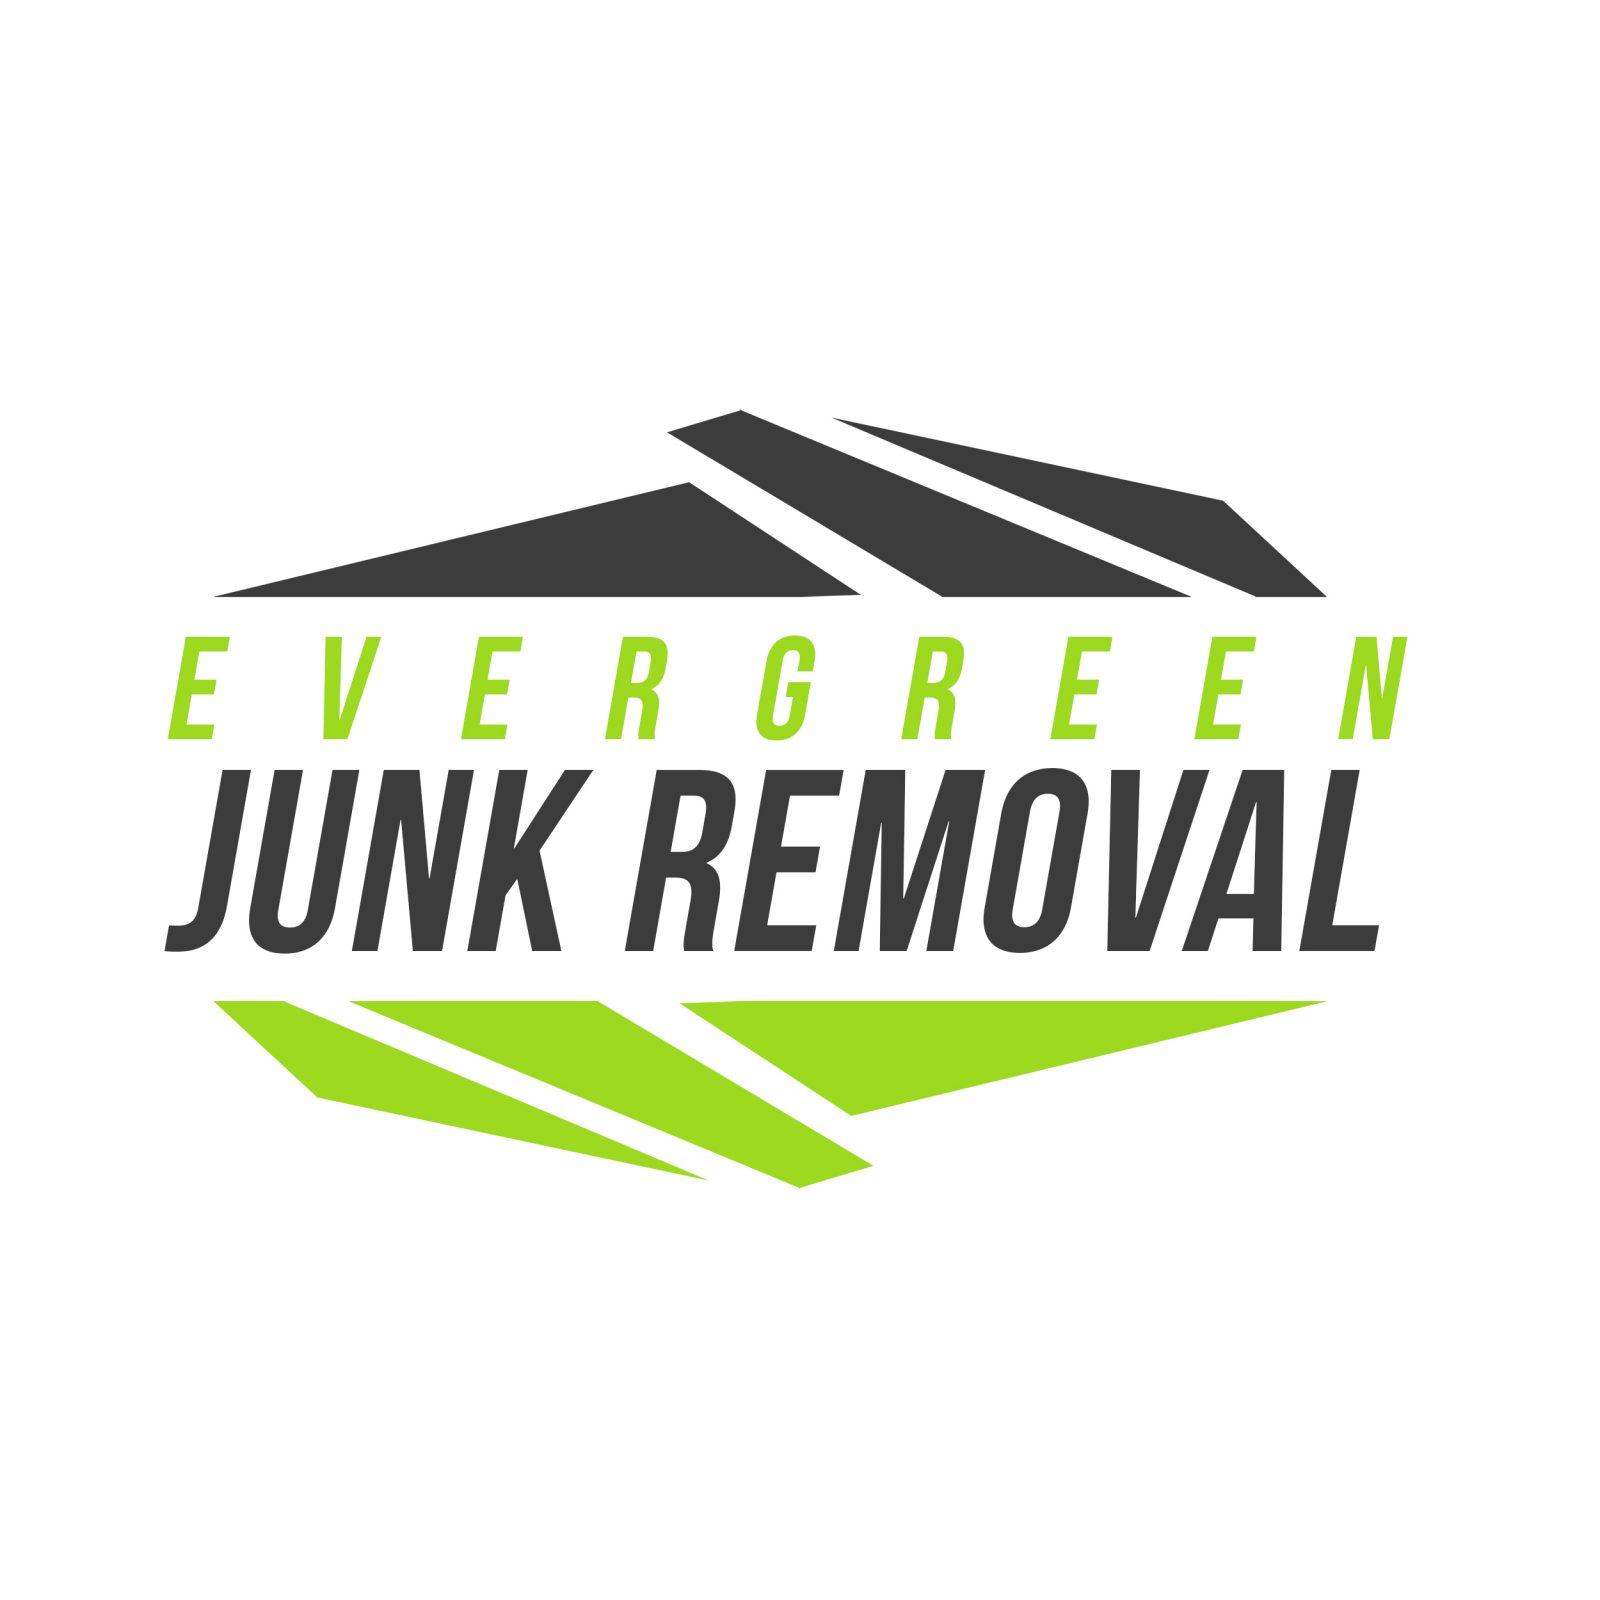 Dumpster Rental Services